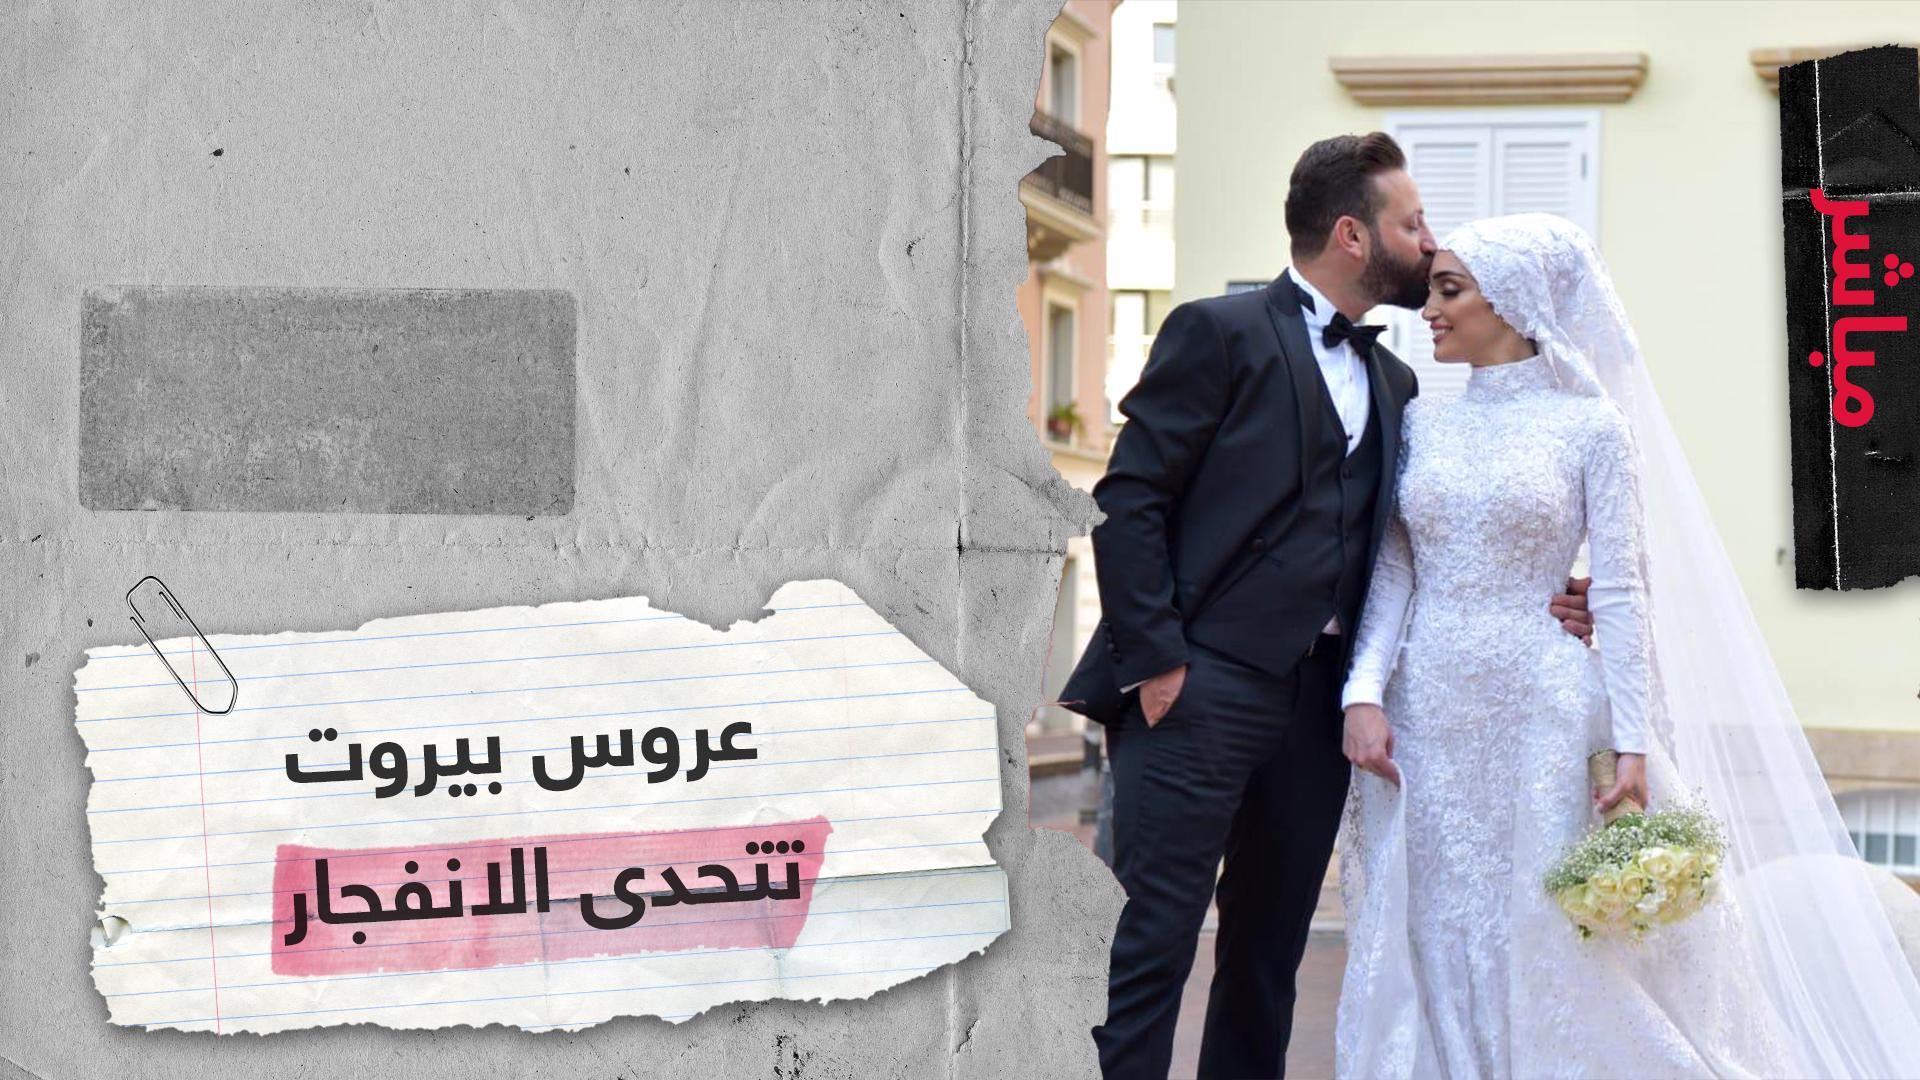 """""""عروس بيروت"""" وزوجها يرويان تفاصيل  ما حدث في زفافهما لحظة وقوع الانفجار"""